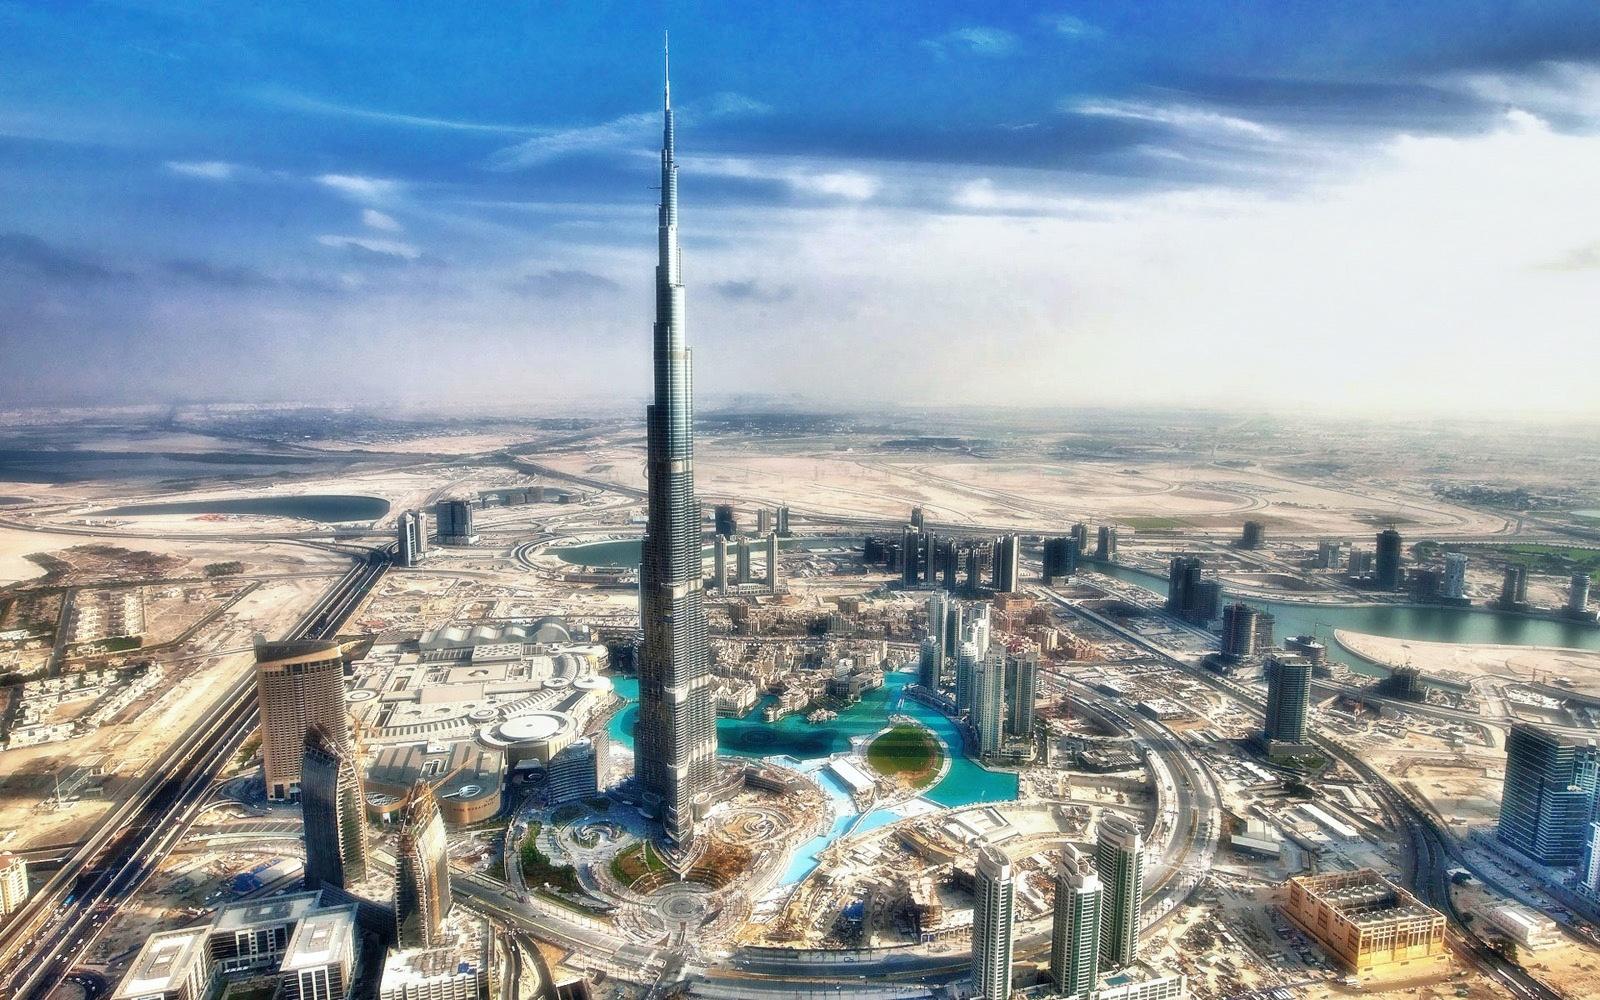 Burj Khalifa Hd Wallpapers Hd Wallpapers Burj Khalifa 1600x1000